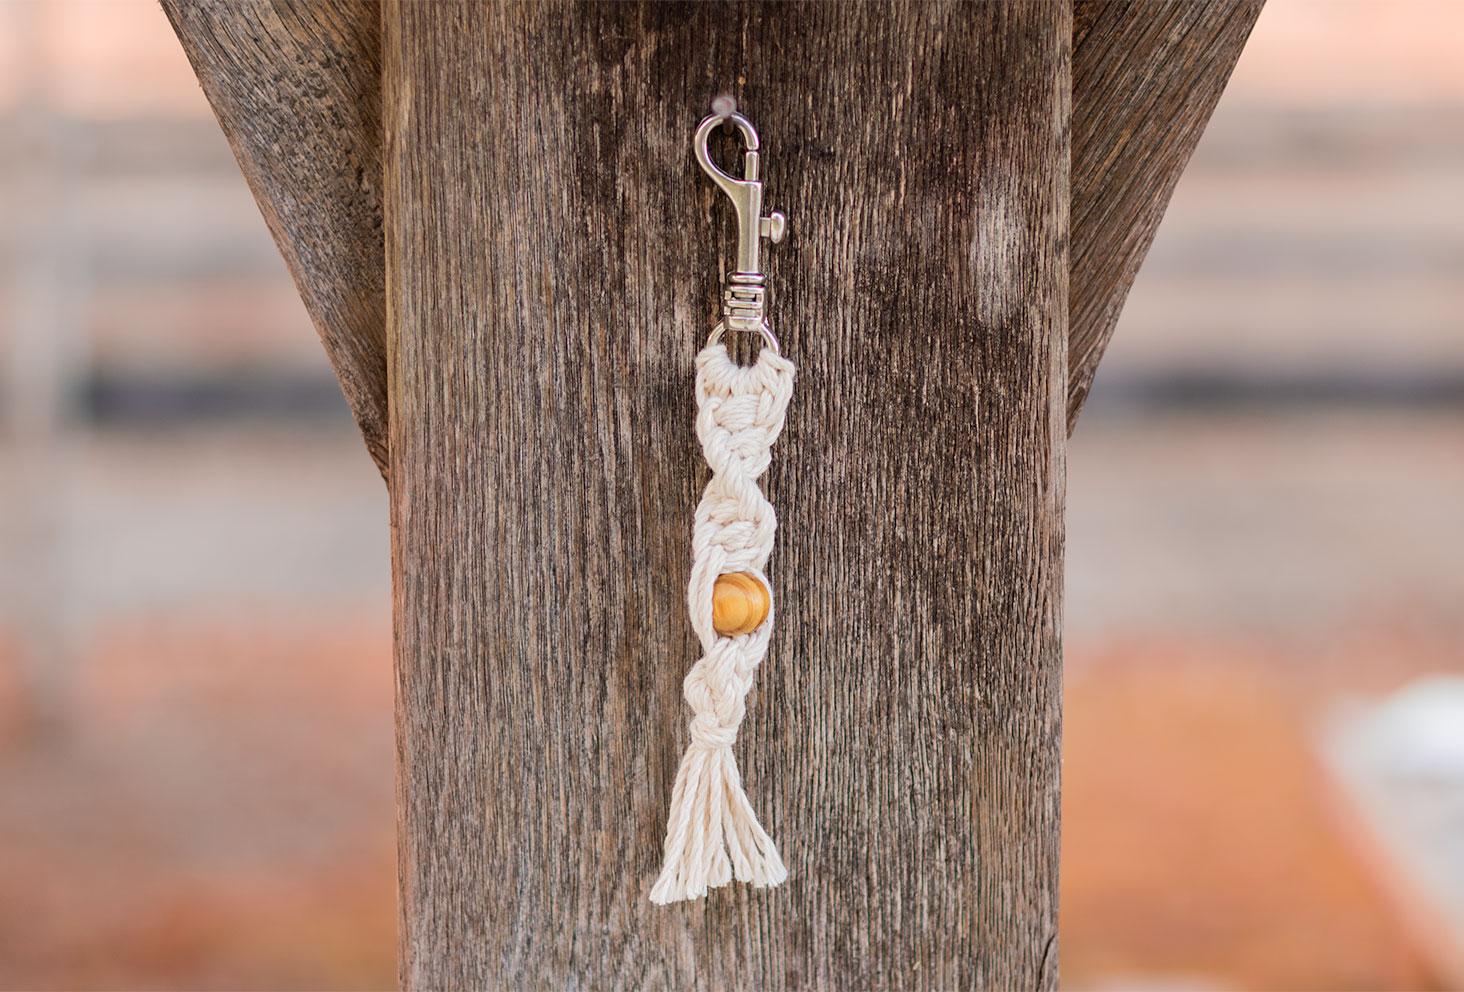 Le porte-clés macramé torsadé, accroché à une pointe sur un poteau en bois